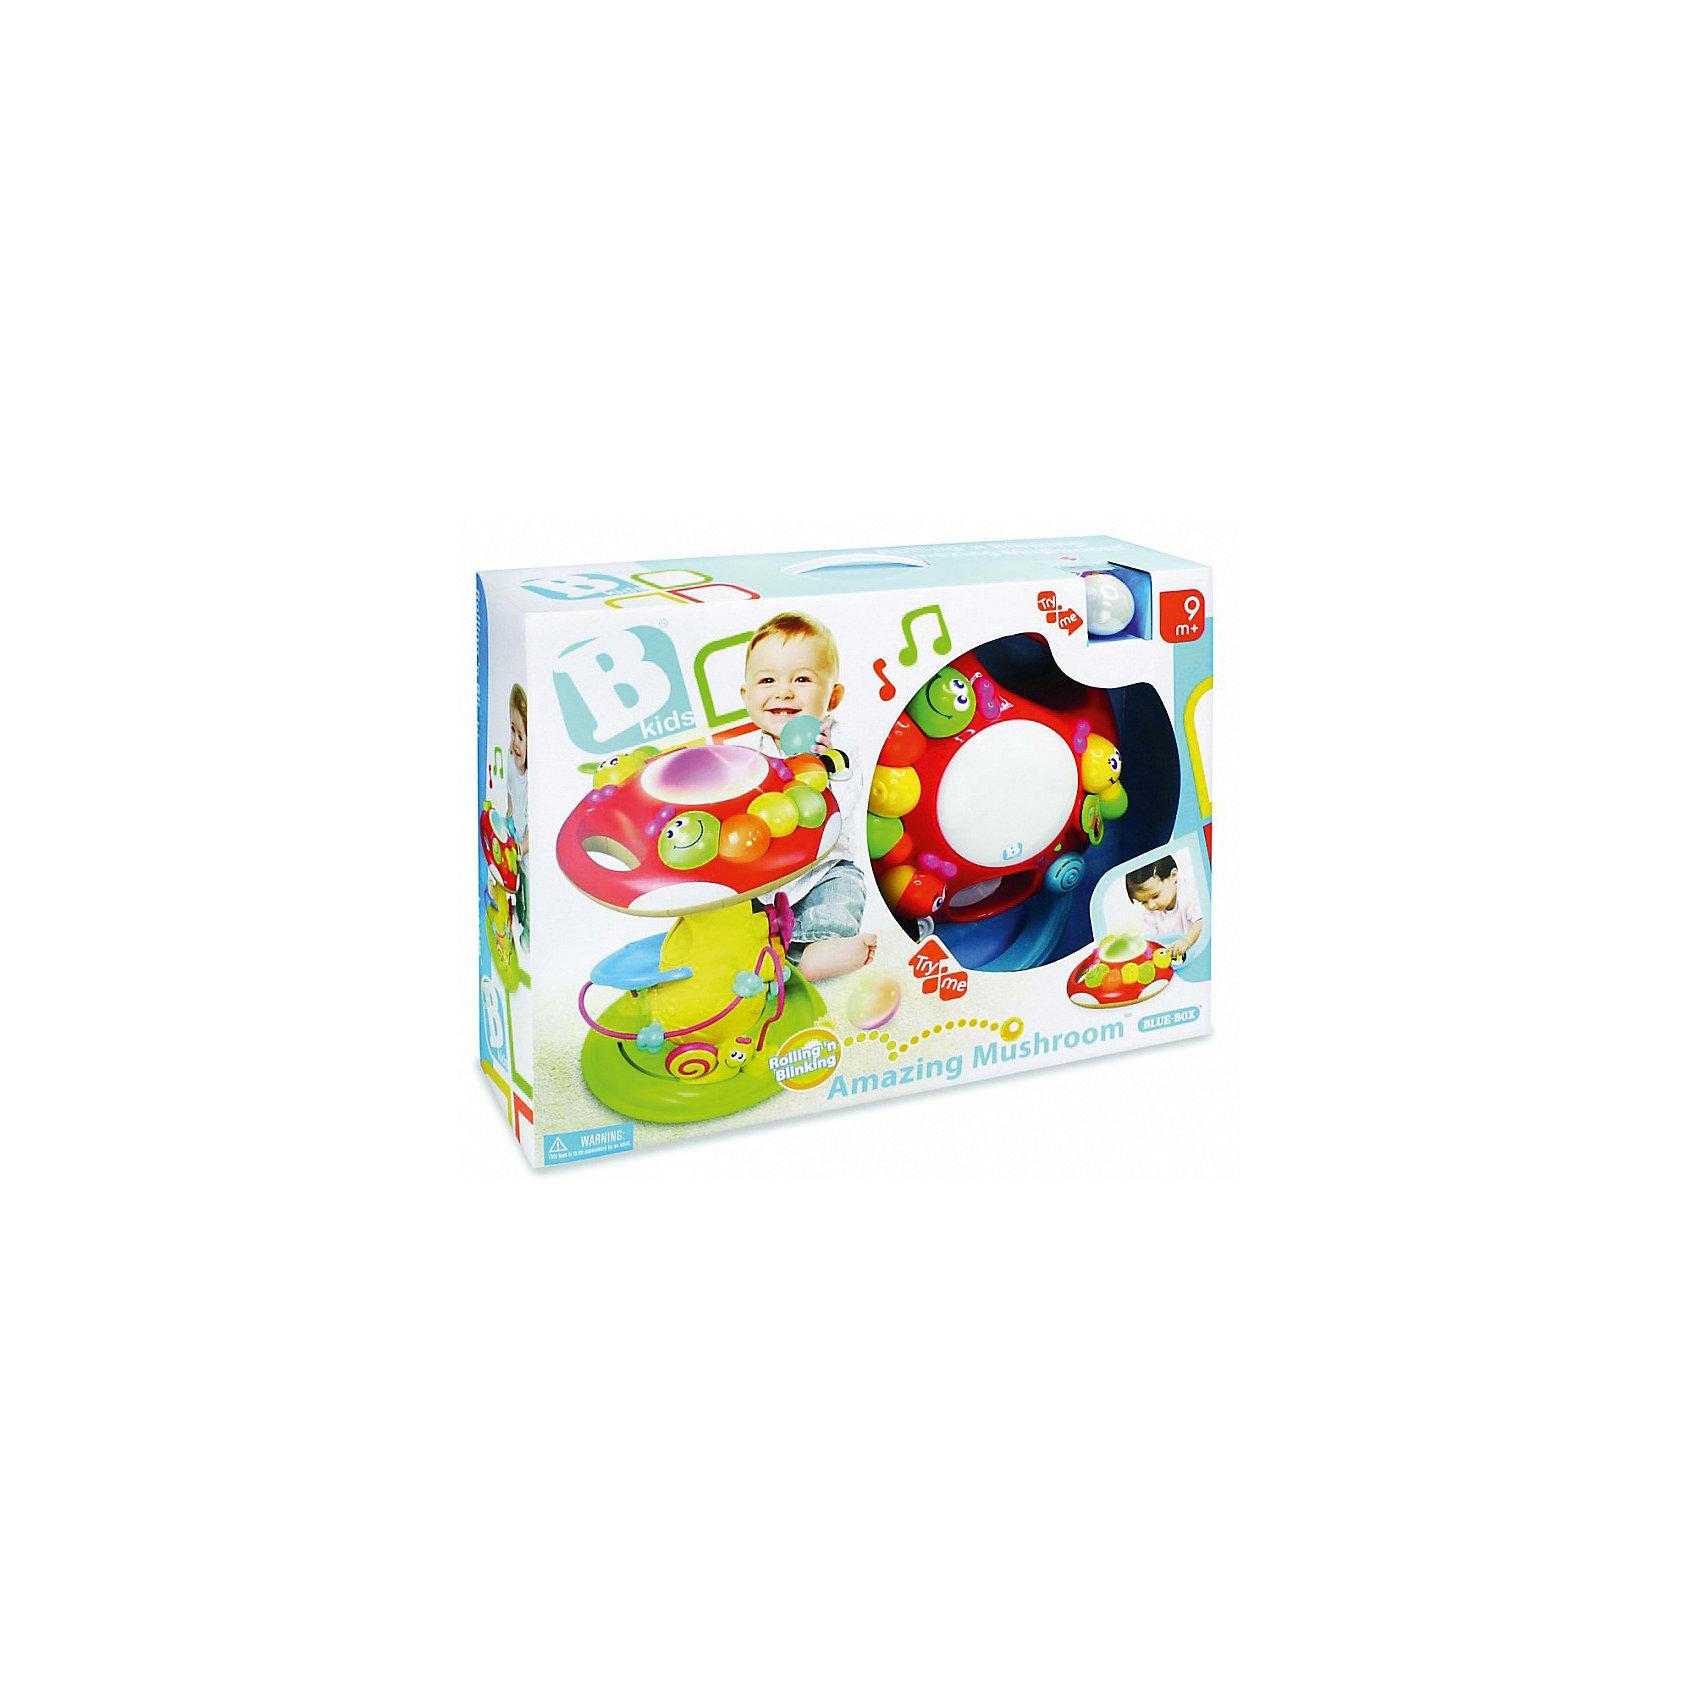 Игрушка Грибок, BKidsИнтерактивные игрушки для малышей<br>Малыши стремятся познавать всё новое - делать это можно с самого раннего возраста. Играя, малыш всесторонне изучает мир и осваивает новые навыки. Эта игрушка представляет собой интерактивный развивающий центр, рассчитанный на детей нескольких возрастов. Помимо самого гриба в коробке есть три шарика (один из которых – светящийся): бросайте их в отверстие на шляпке мухомора – шары будут скатываться вниз, а из гриба донесется приятная мелодия. В развивающий центр встроена популярная логическая игрушка лабиринт и пианино.<br>Такие игрушки способствуют развитию мелкой моторики, воображения, цвето- и звуковосприятия, тактильных ощущений и обучению. Изделие разработано специально для самых маленьких. Сделано из материалов, безопасных для детей.<br><br>Дополнительная информация:<br><br>цвет: разноцветный;<br>размер: 40 х 30 см;<br>батарейки 2хАА и 2хLR44 входят в комплект;<br>возраст: с 9 мес.<br><br>Игрушку Грибок от бренда BKids можно купить в нашем интернет-магазине.<br><br>Ширина мм: 139<br>Глубина мм: 139<br>Высота мм: 406<br>Вес г: 2480<br>Возраст от месяцев: 9<br>Возраст до месяцев: 36<br>Пол: Унисекс<br>Возраст: Детский<br>SKU: 5055381